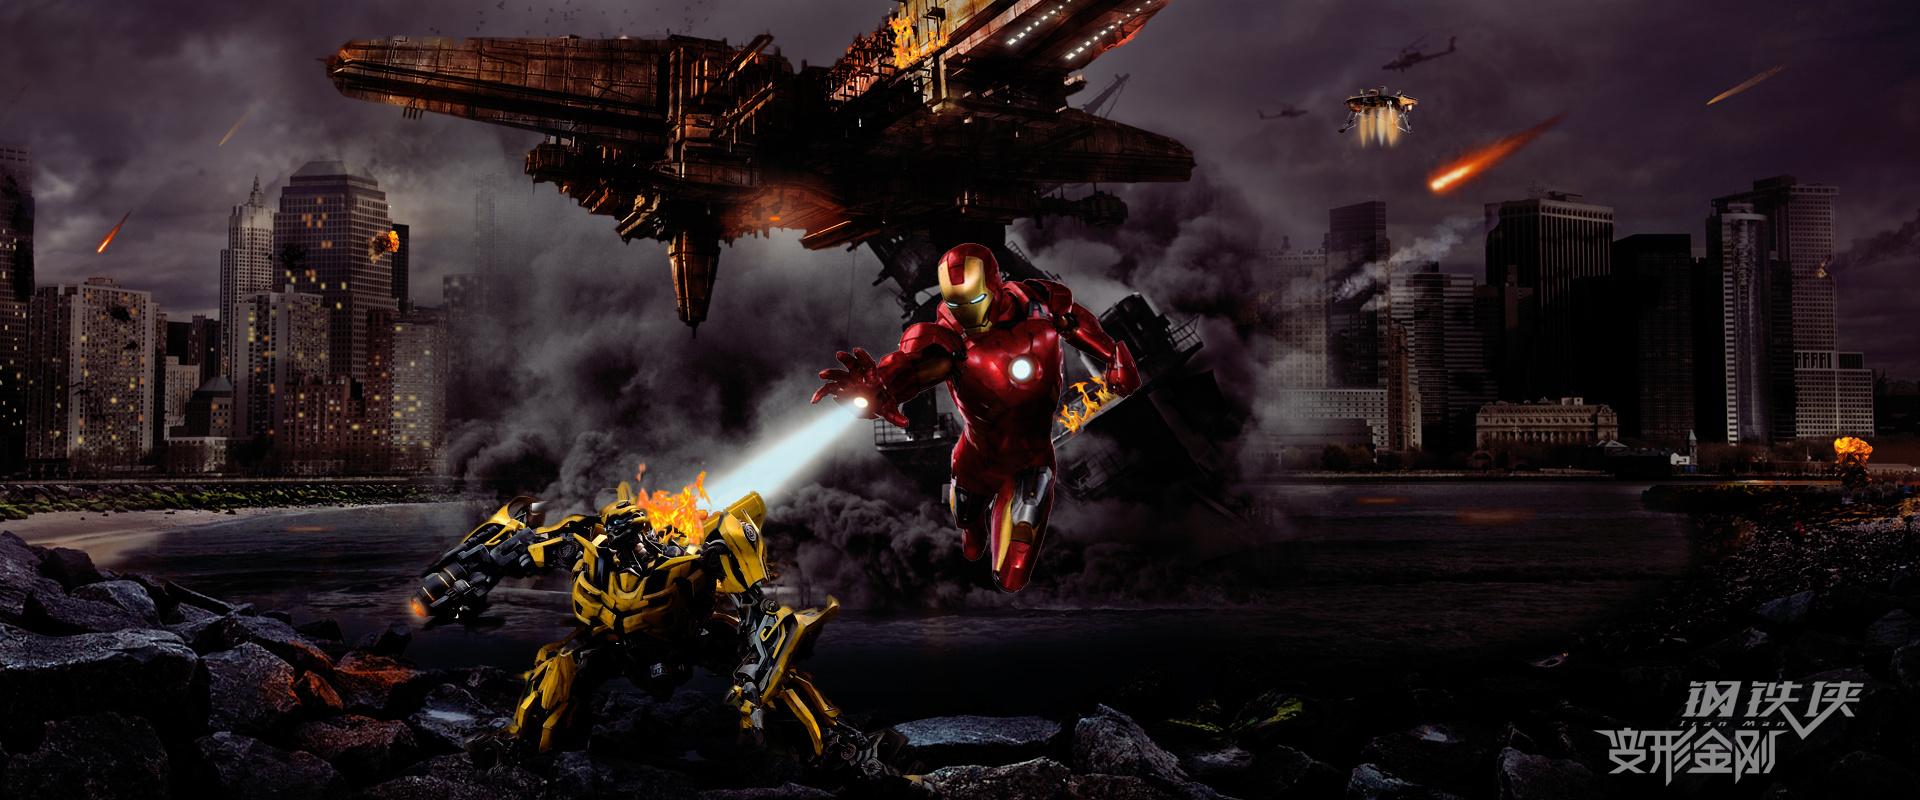 钢铁侠vs行星吞噬者!饭制版概念图引热议,两者同框有望